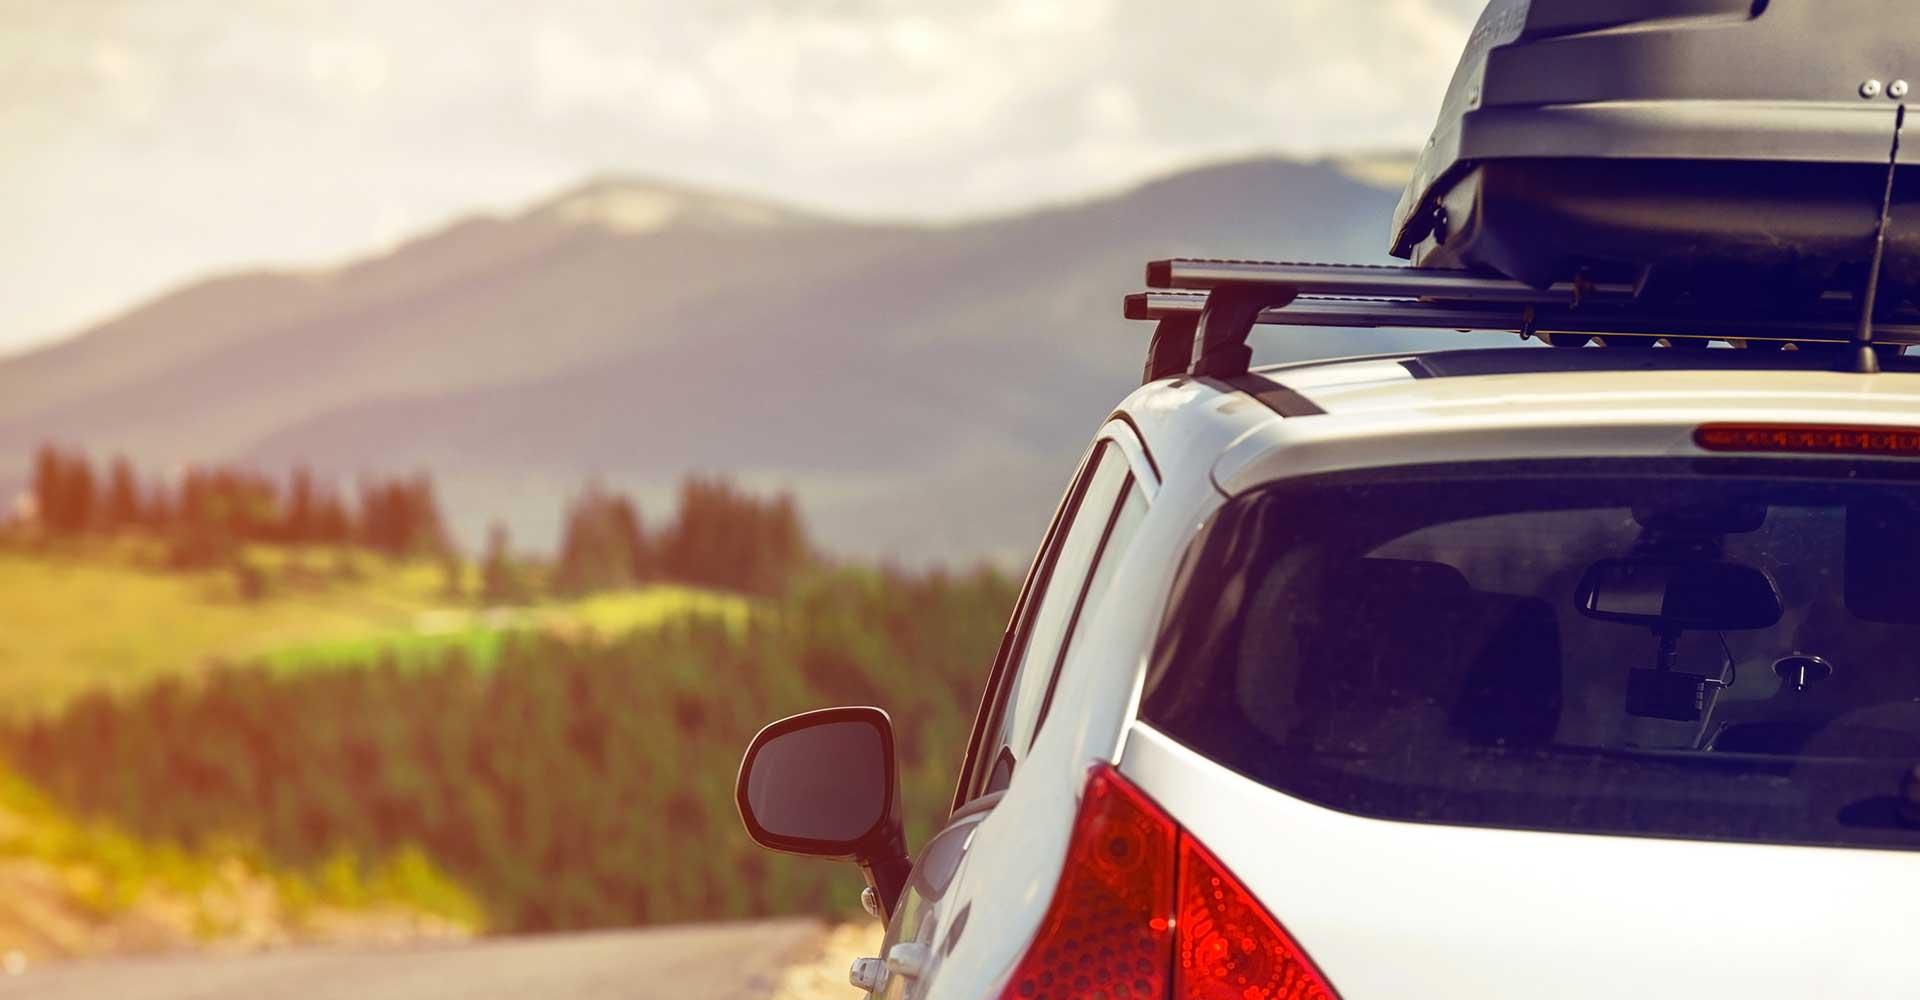 Met de auto op vakantie? Houd rekening met deze regels.